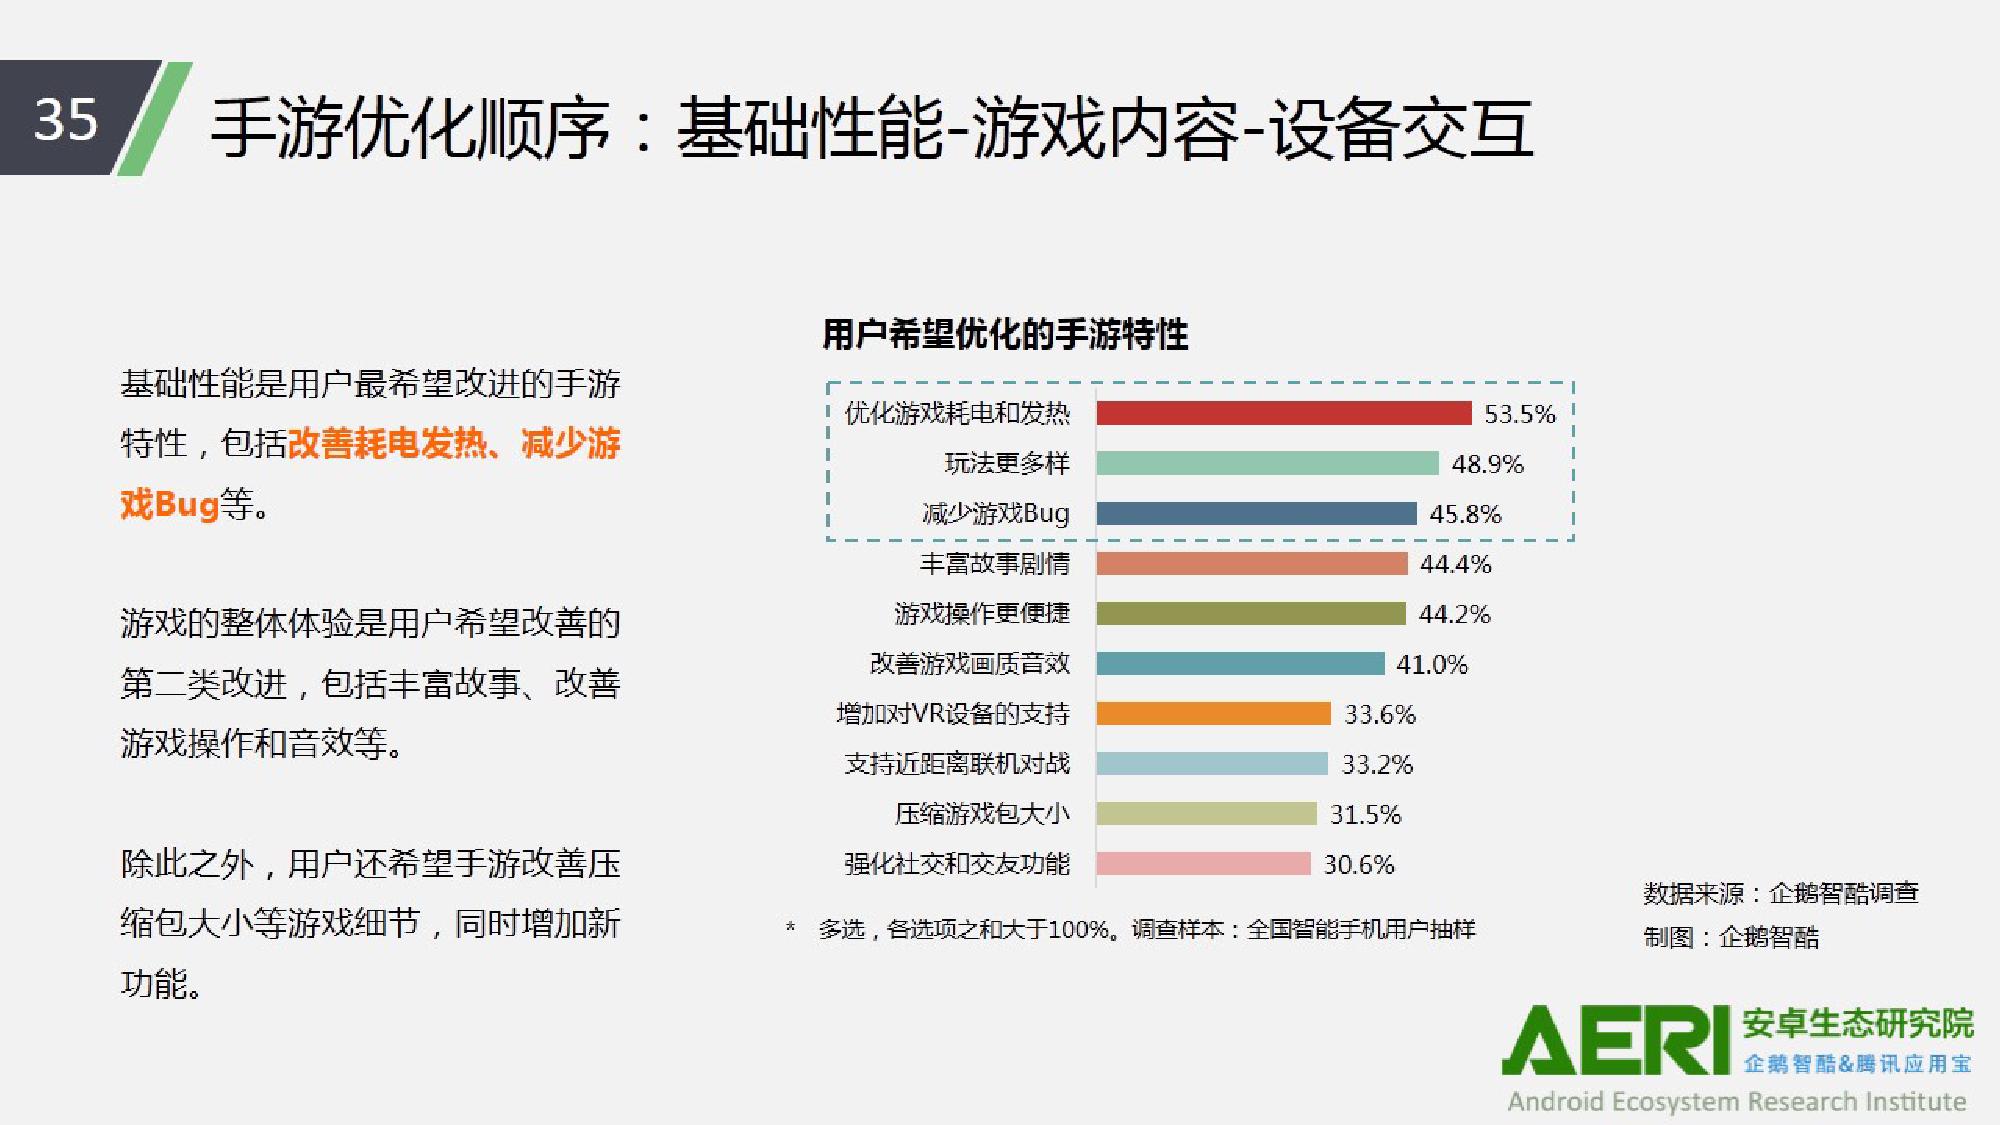 中国手游行业2016大数据报告_000036